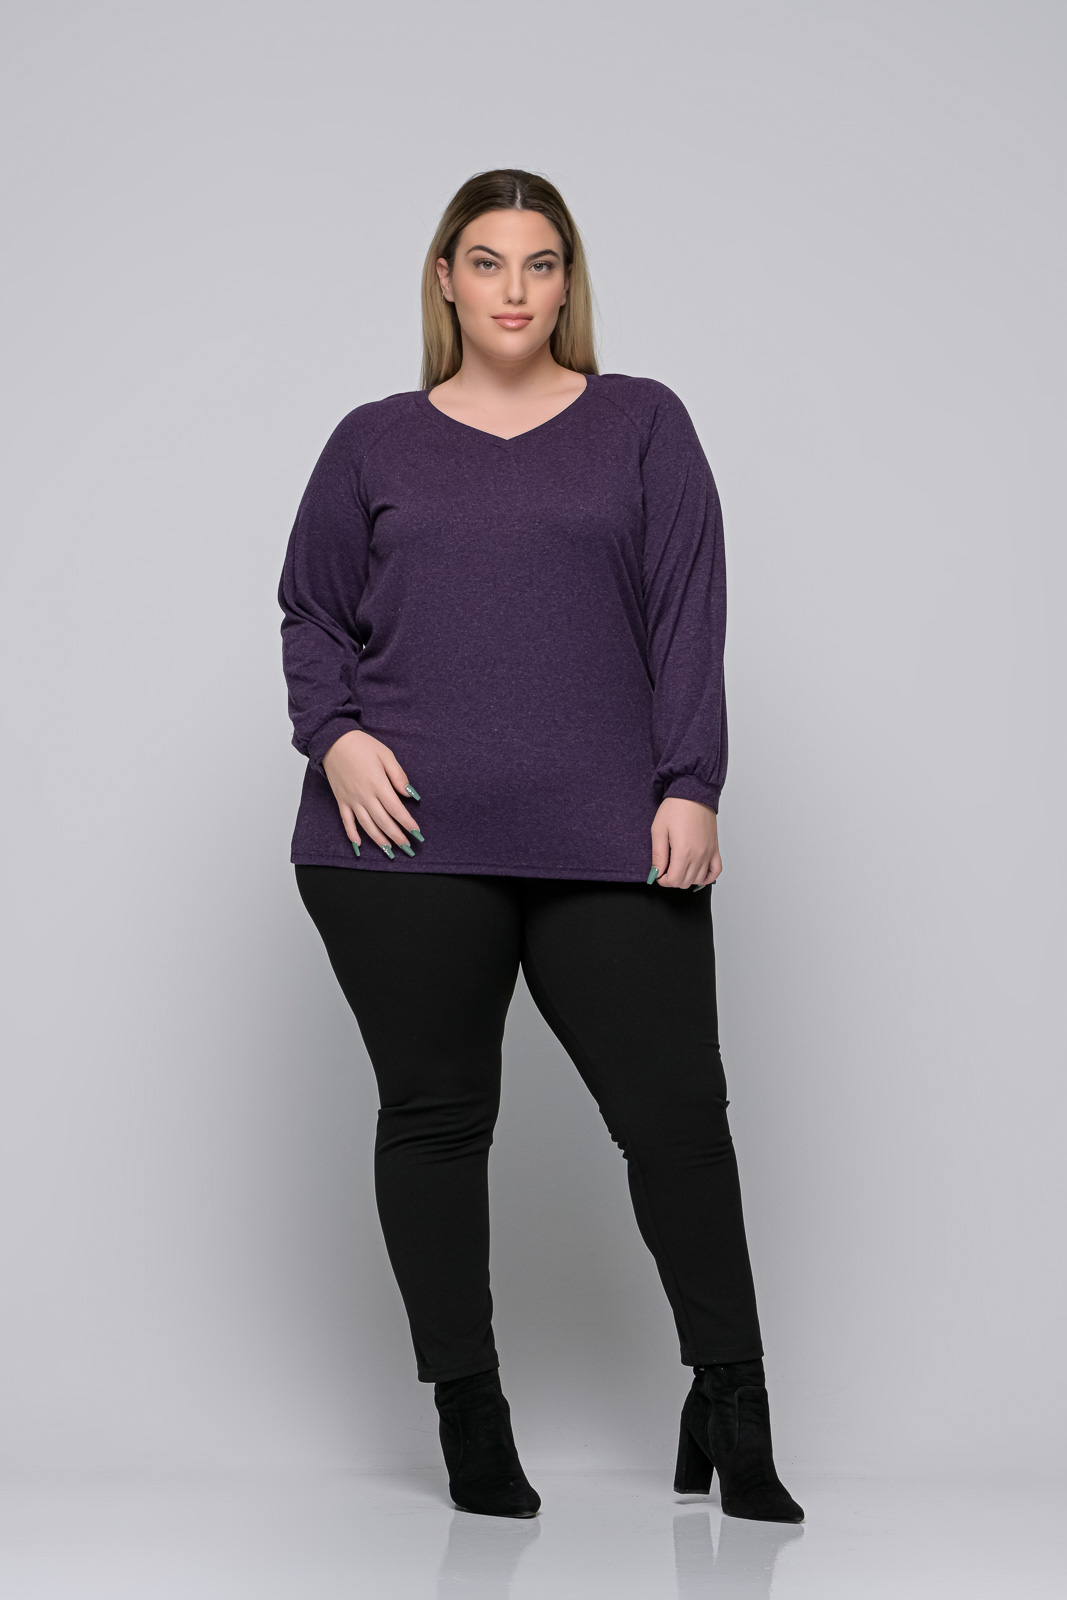 Μπλούζα μεγάλα μεγέθη+Psx μωβ ελαστική βισκόζ. Στο eshop μας θα βρείτε οικονομικά γυναίκεια ρούχα σε μεγάλα μεγέθη και υπερμεγέθη.